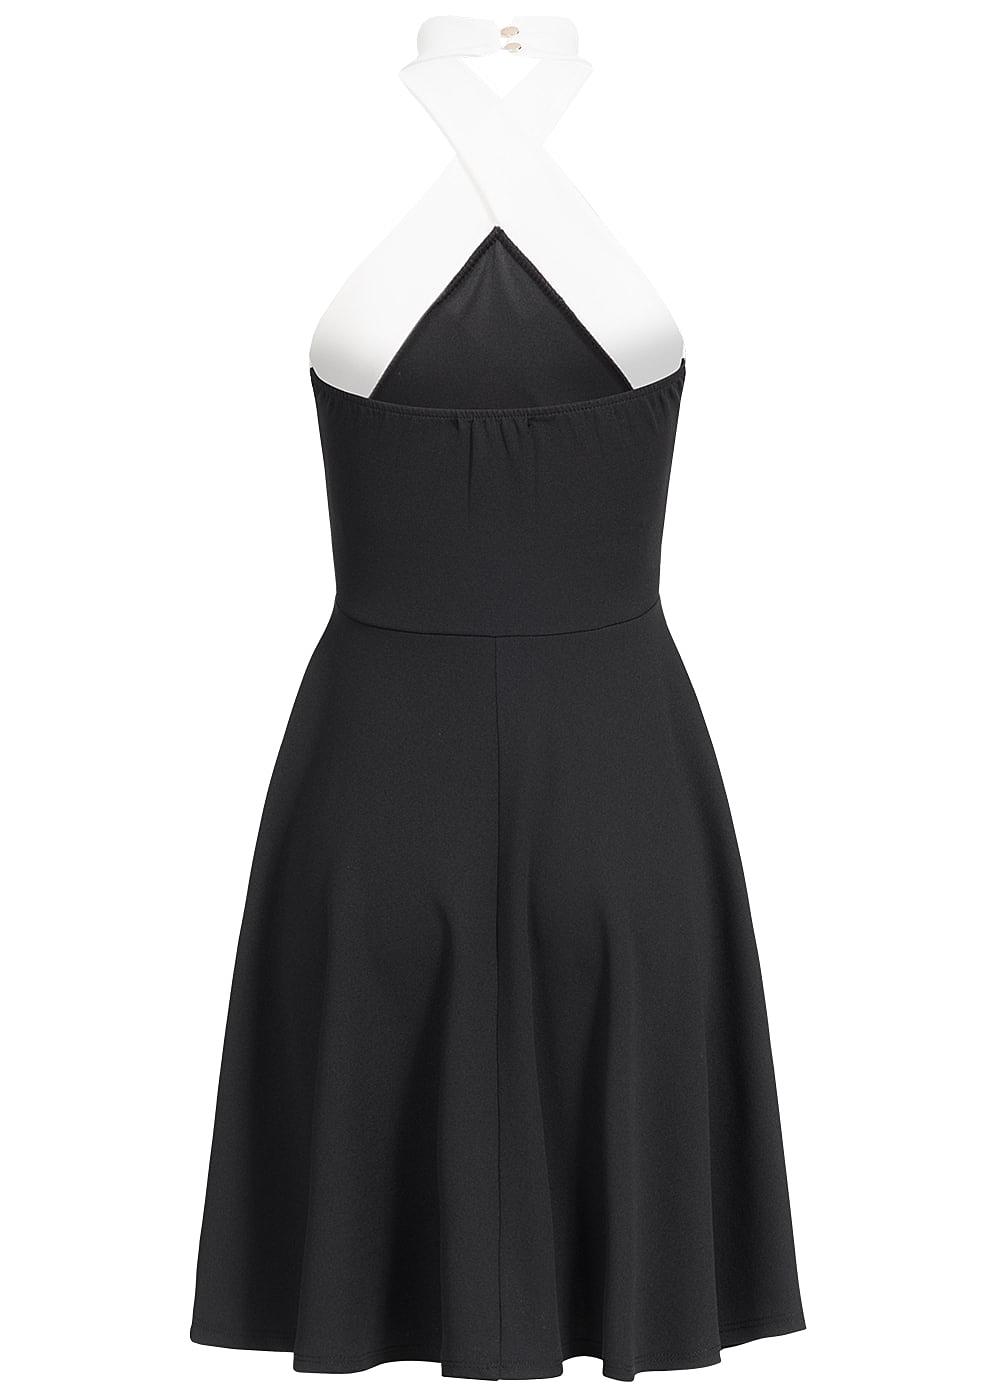 styleboom fashion damen mini neckholder kleid gummizug hinten schwarz weiss 77onlineshop. Black Bedroom Furniture Sets. Home Design Ideas